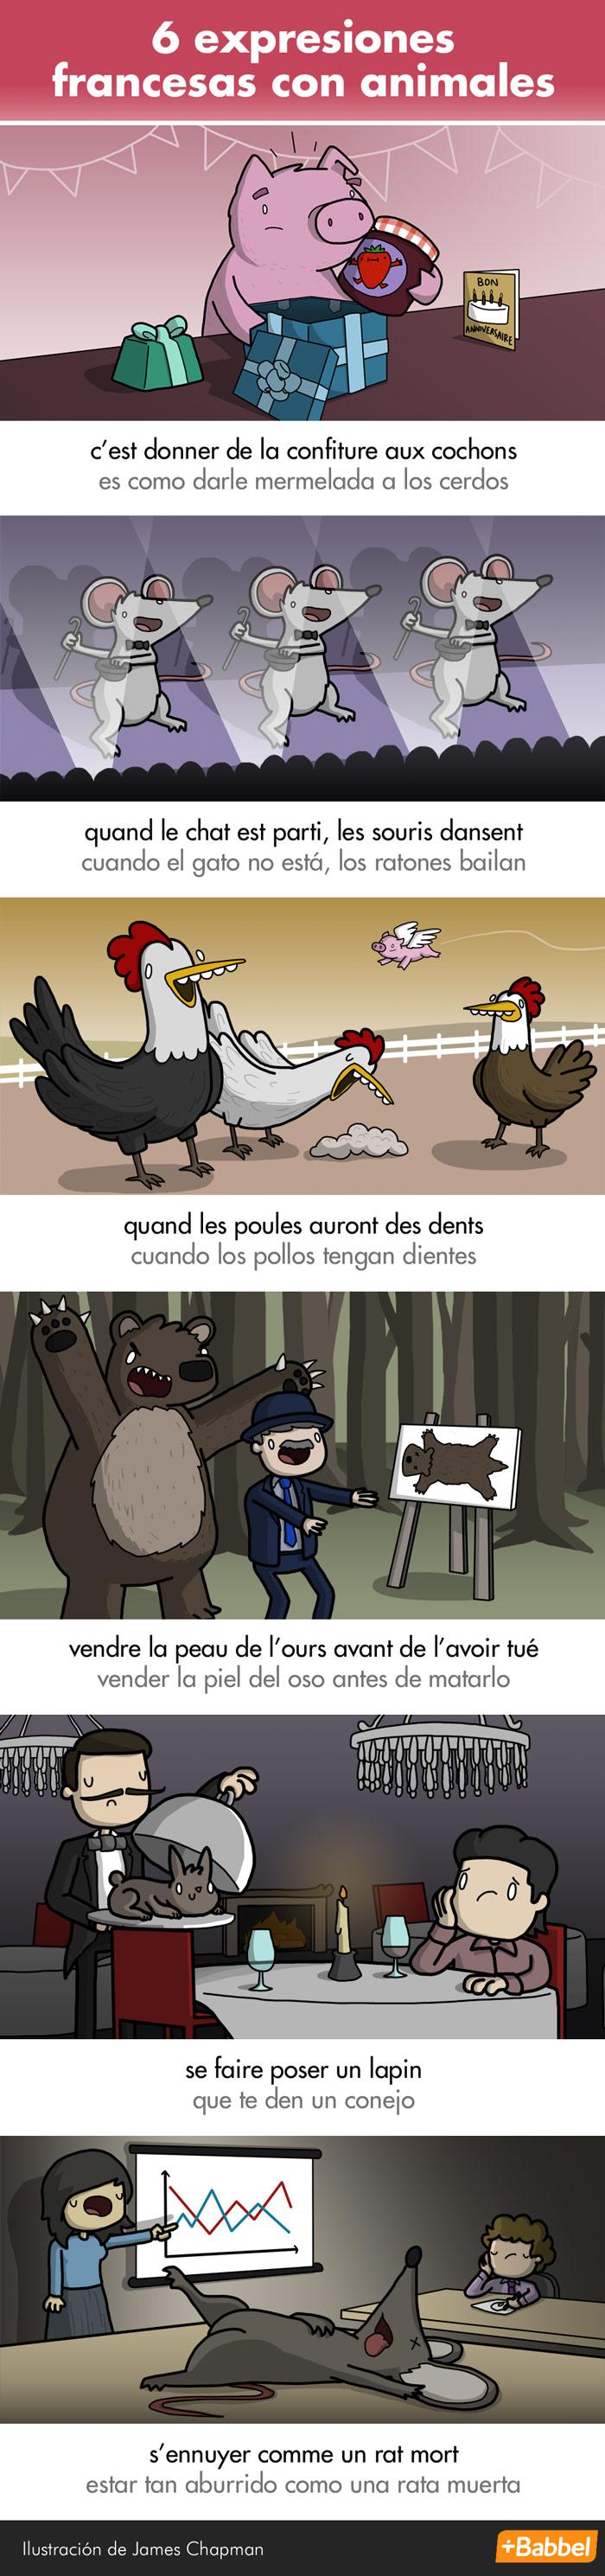 Extrañas y maravillosas expresiones con animales en francés